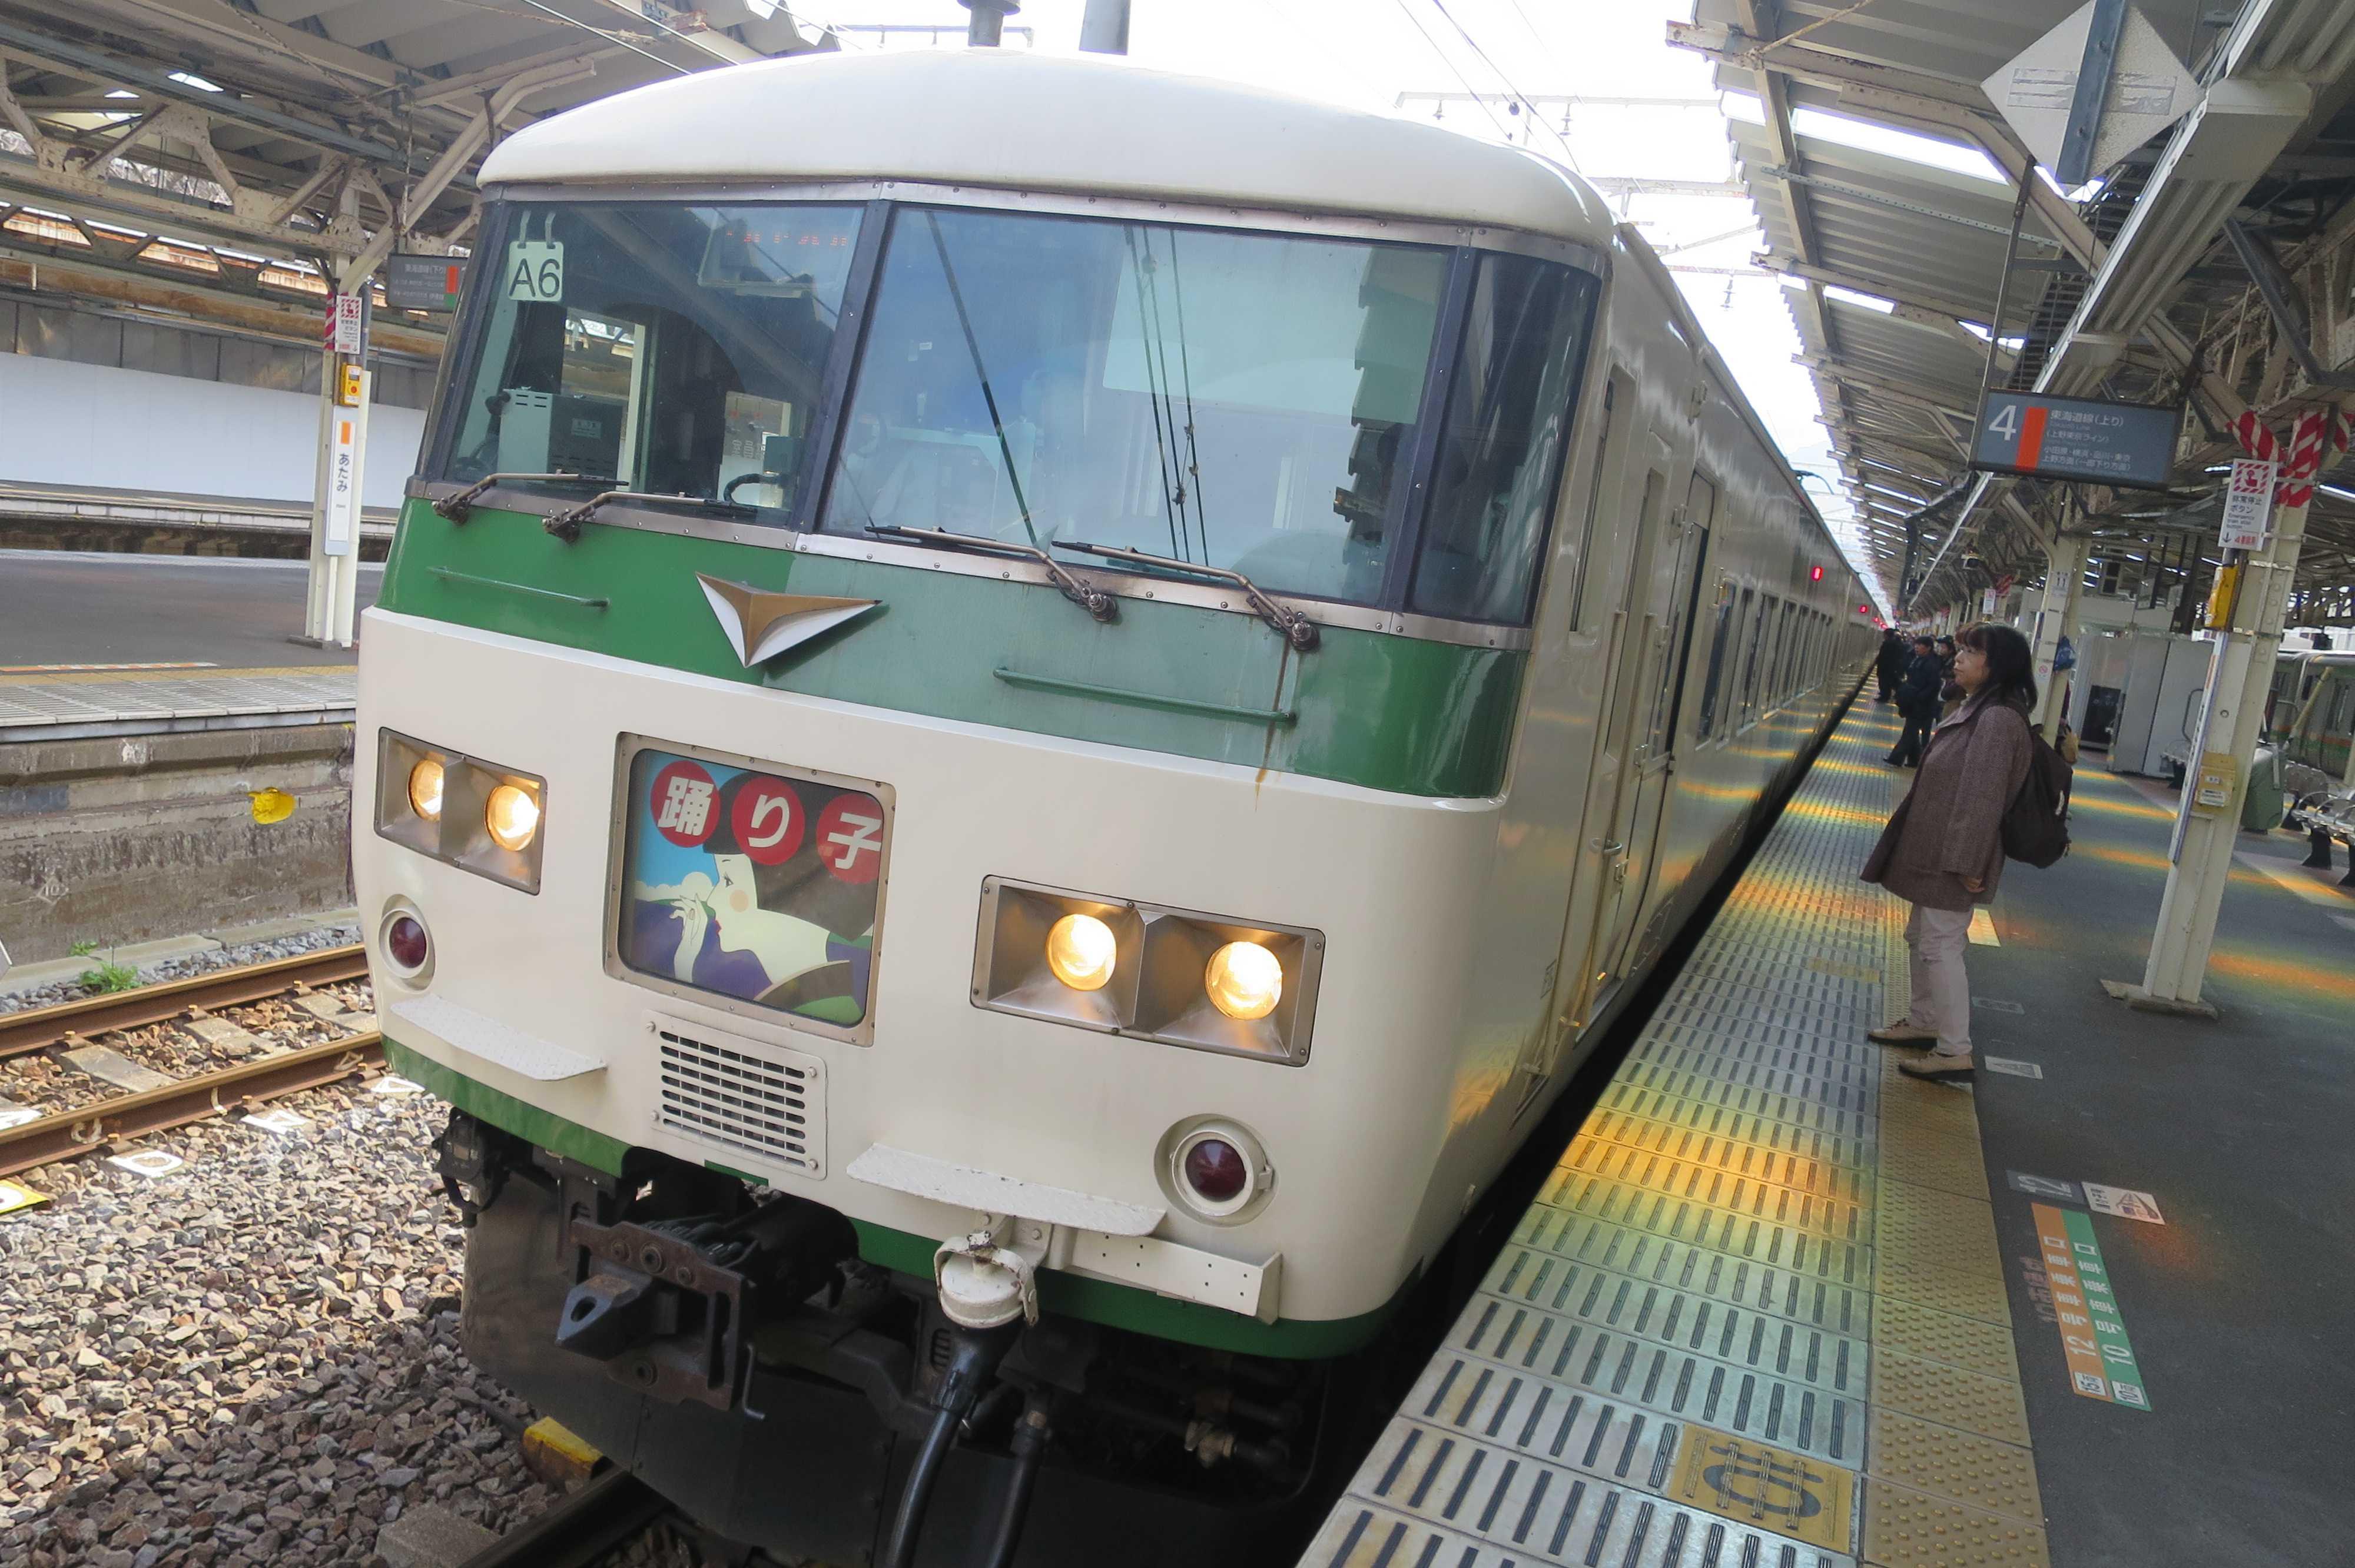 熱海駅 - 特急「踊り子」号